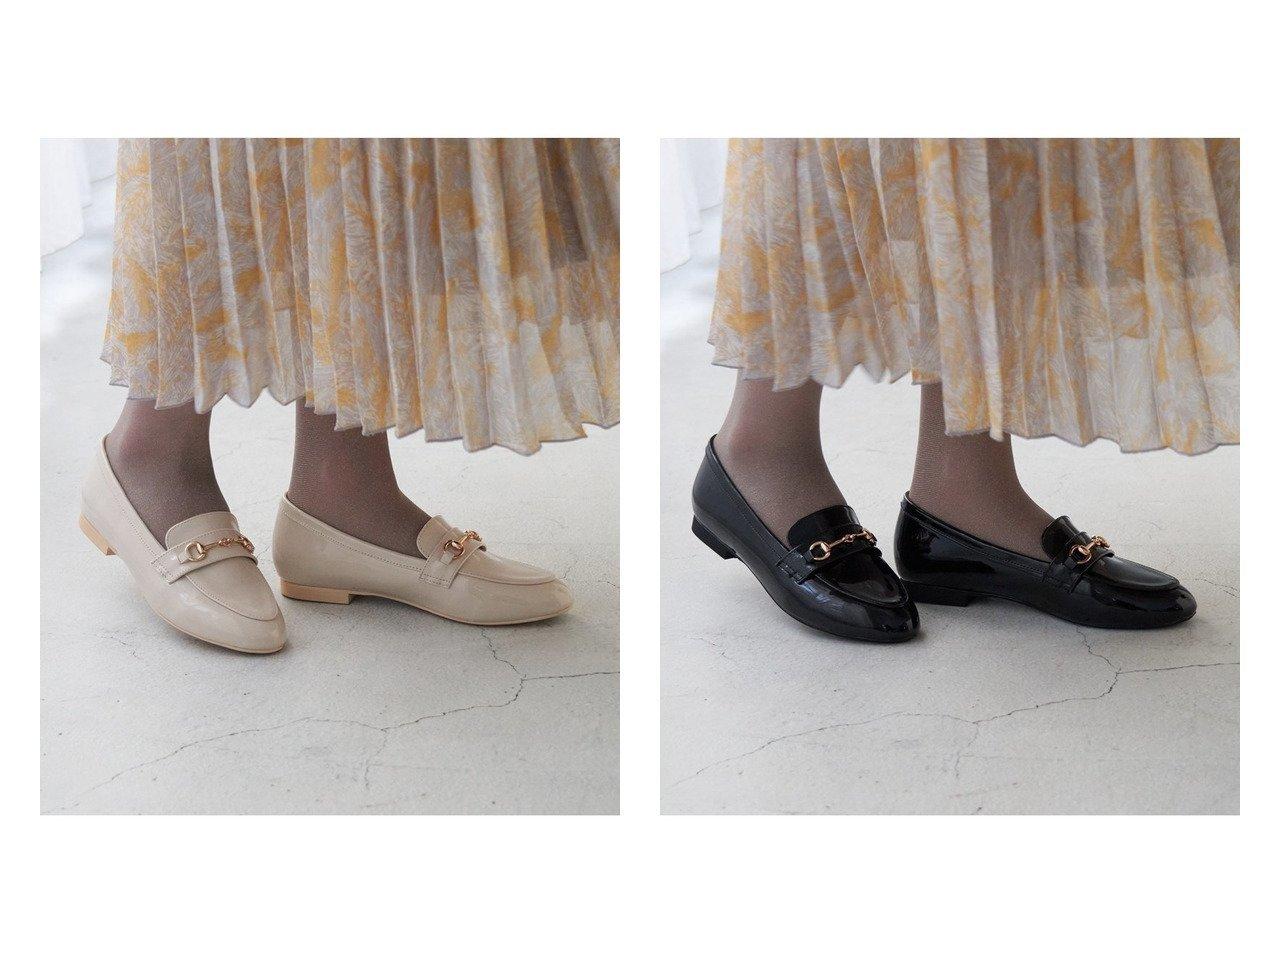 【ROPE'PICNIC PASSAGE/ロペピクニック パサージュ】の【ROPE PICNIC PASSAGE byHARUTA】エナメルビット付フラットローファー シューズ・靴のおすすめ!人気、トレンド・レディースファッションの通販 おすすめで人気の流行・トレンド、ファッションの通販商品 メンズファッション・キッズファッション・インテリア・家具・レディースファッション・服の通販 founy(ファニー) https://founy.com/ ファッション Fashion レディースファッション WOMEN インソール エナメル エレガント クッション シューズ 抗菌  ID:crp329100000012961